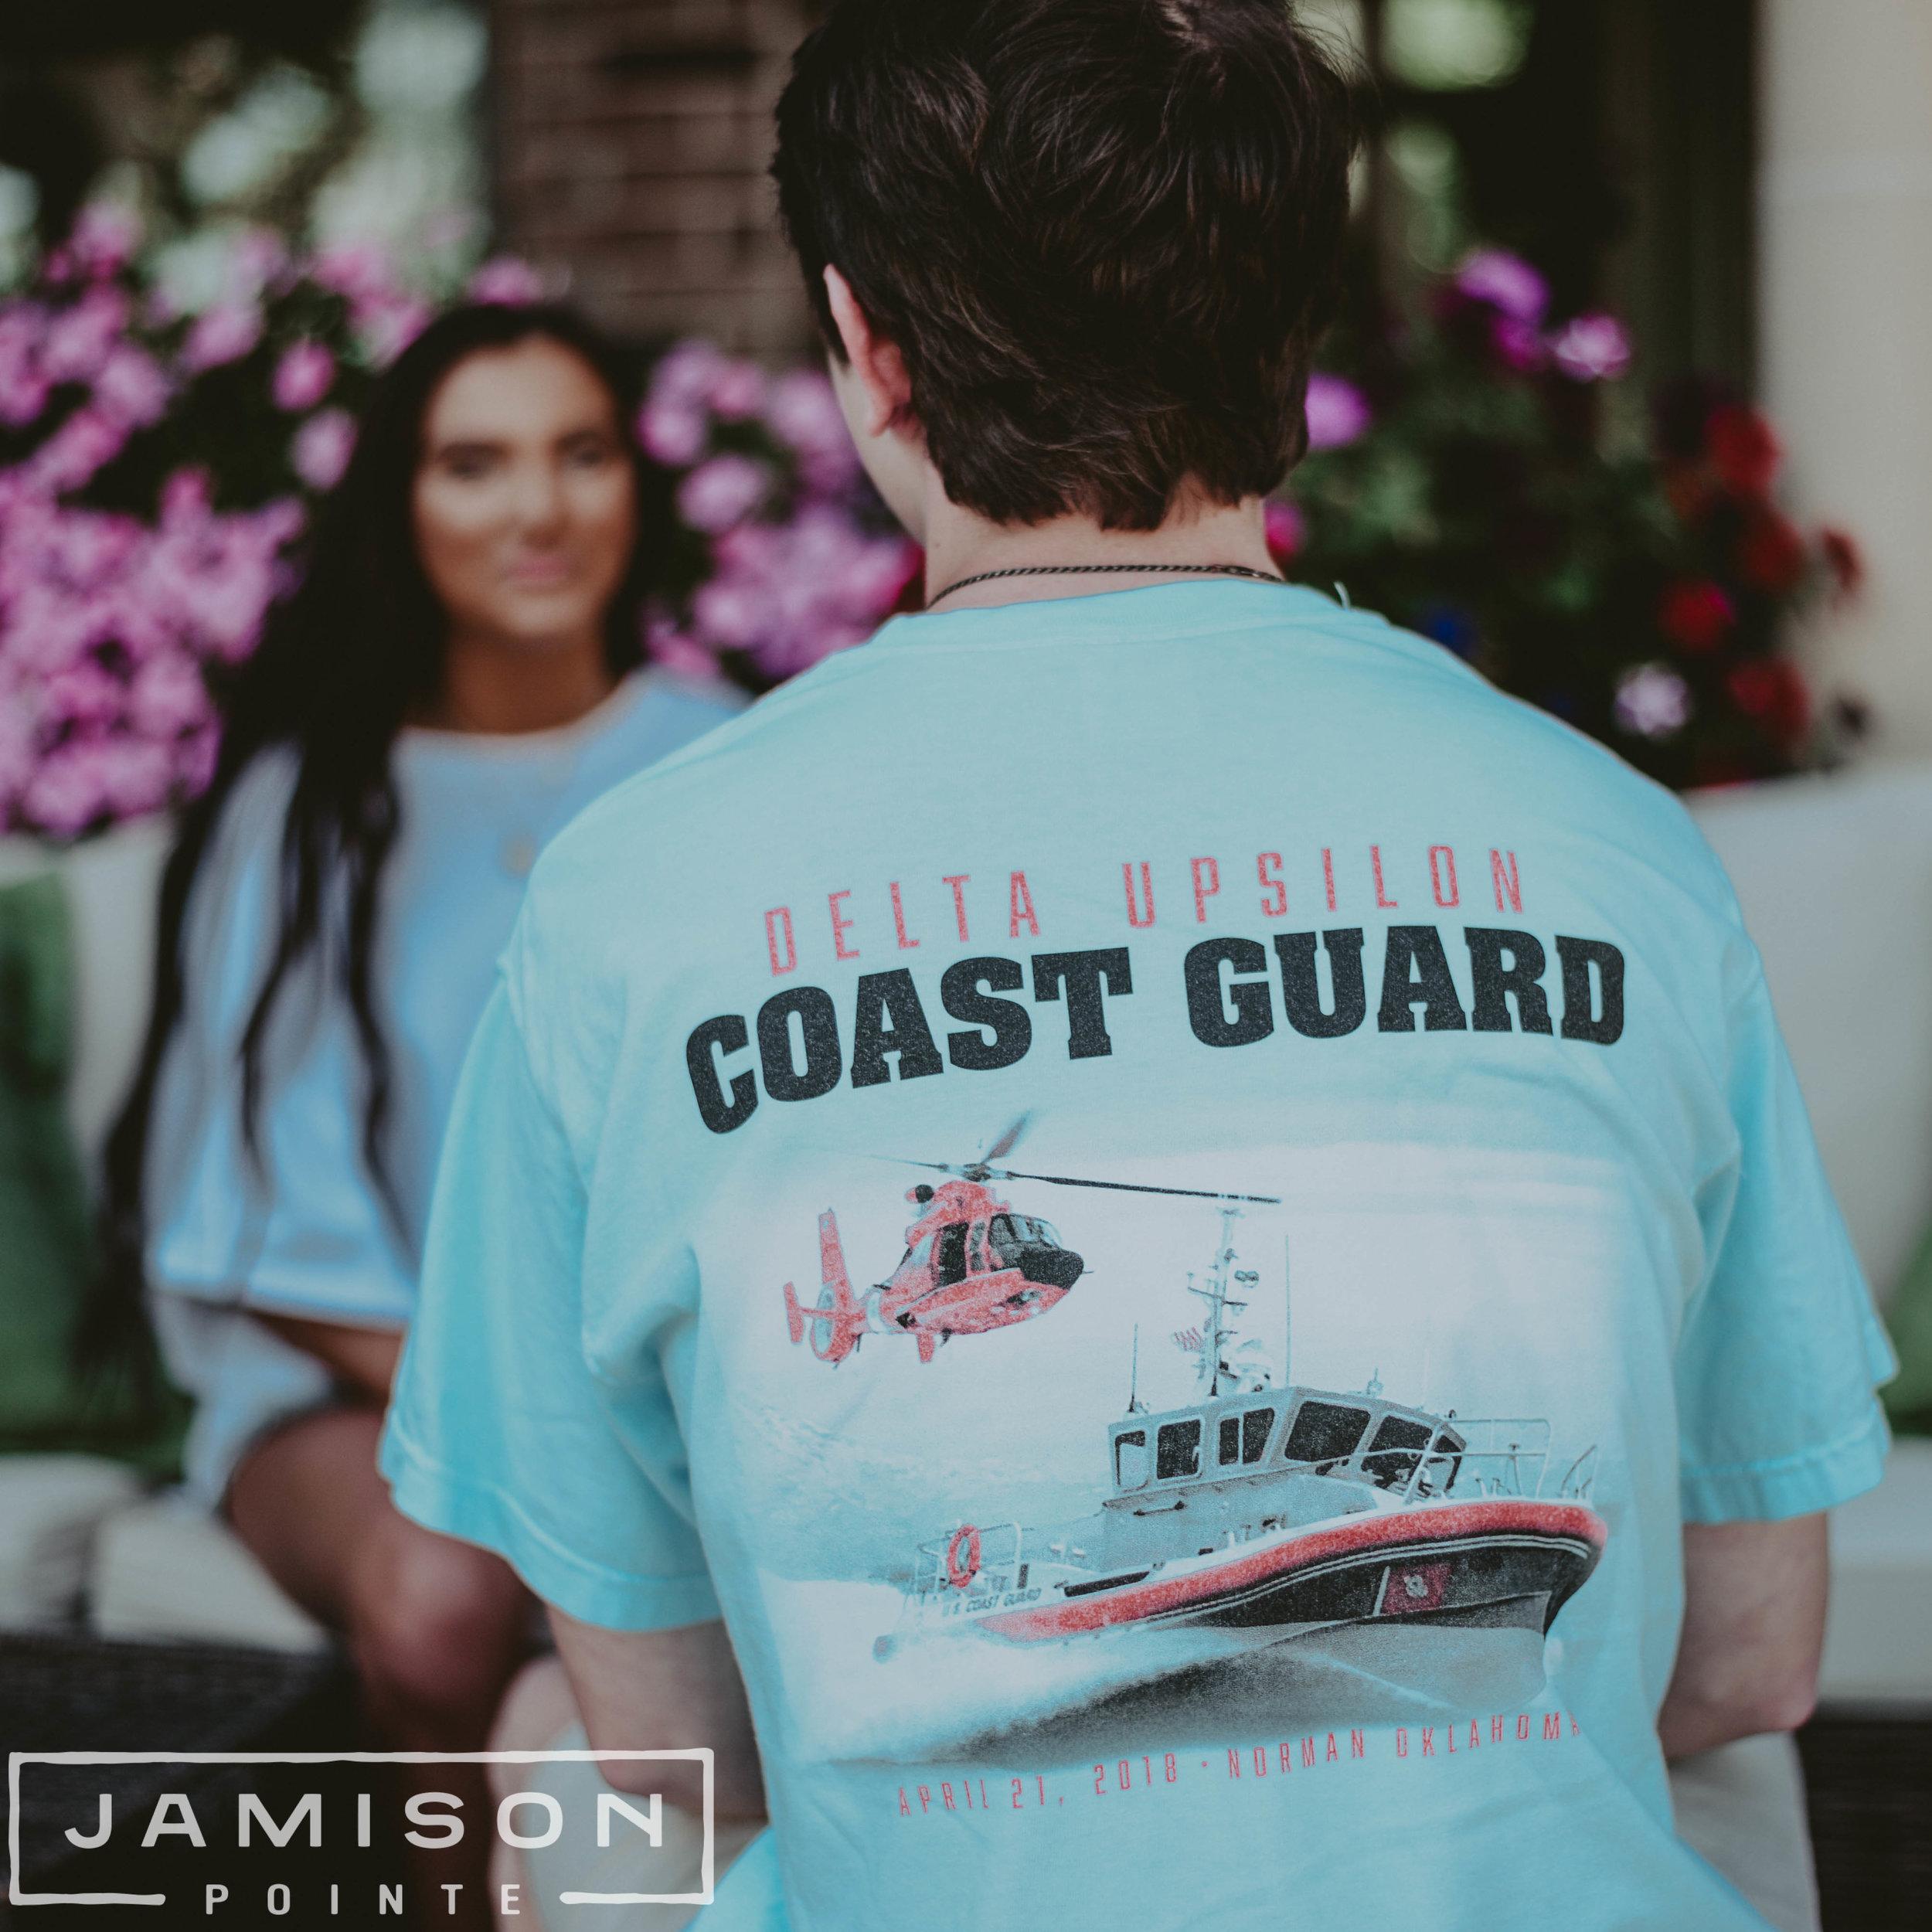 Delta Upsilon Coast Guard Tshirt